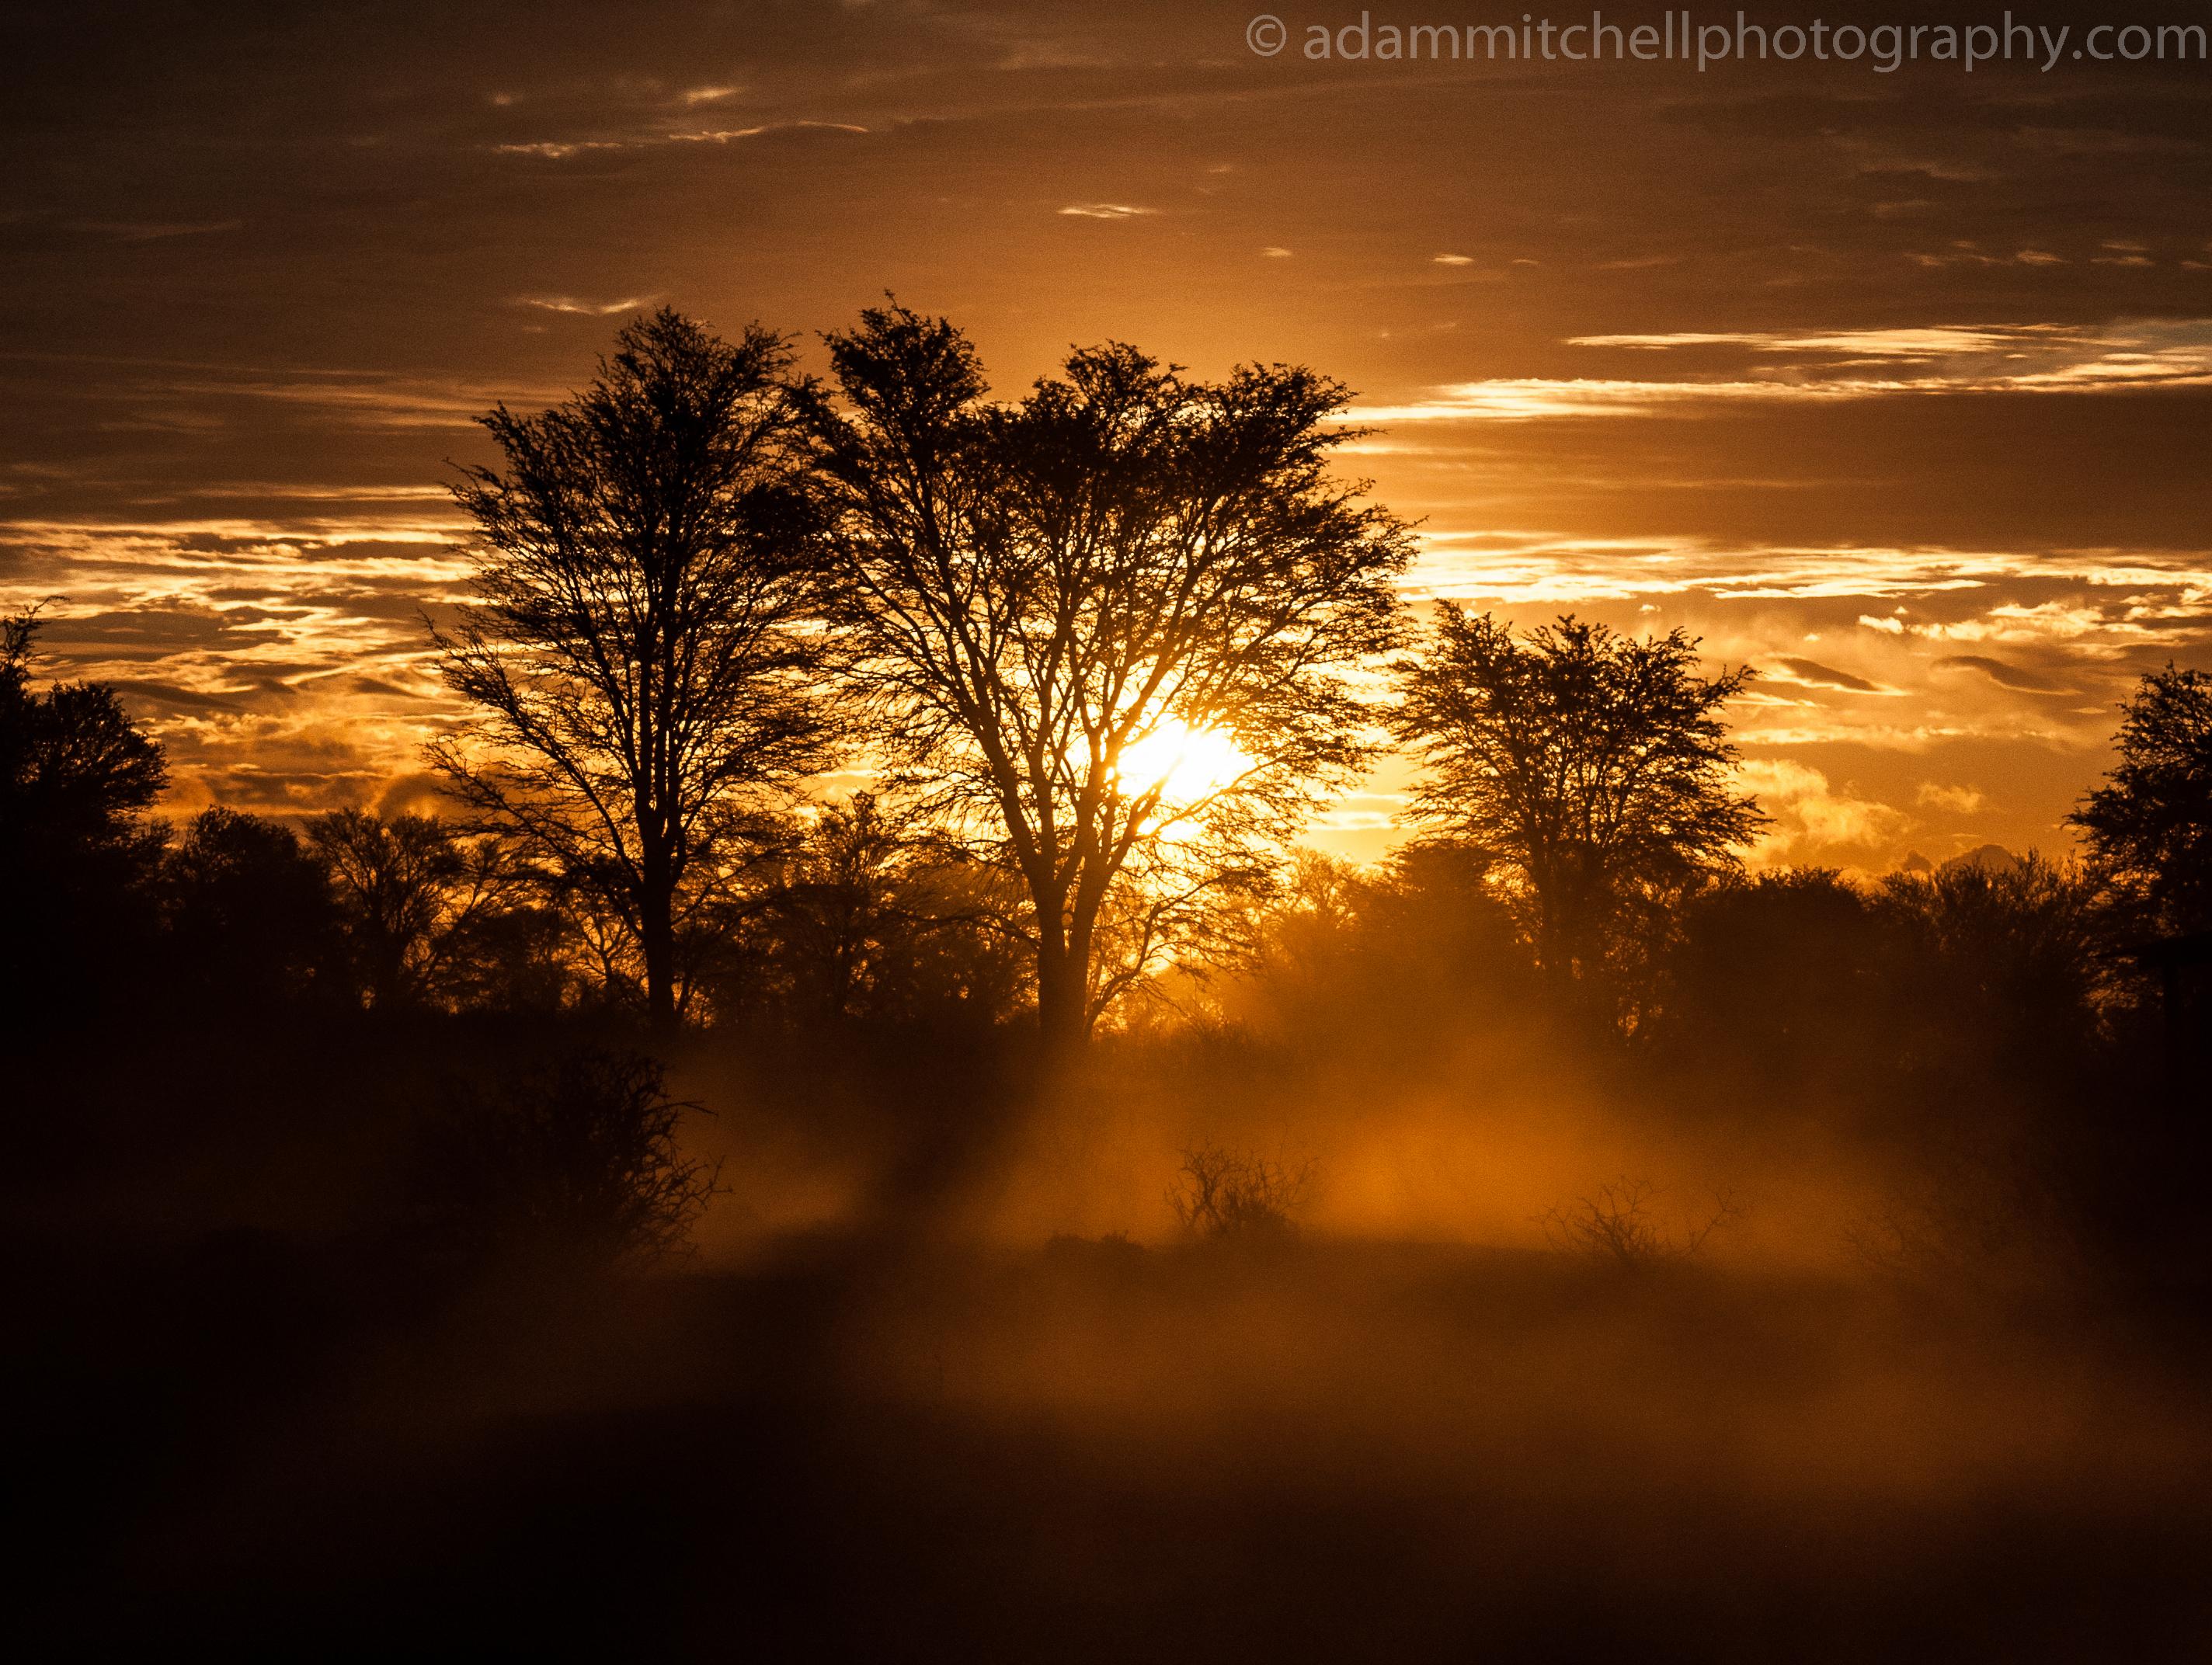 Kalahari sandstorm